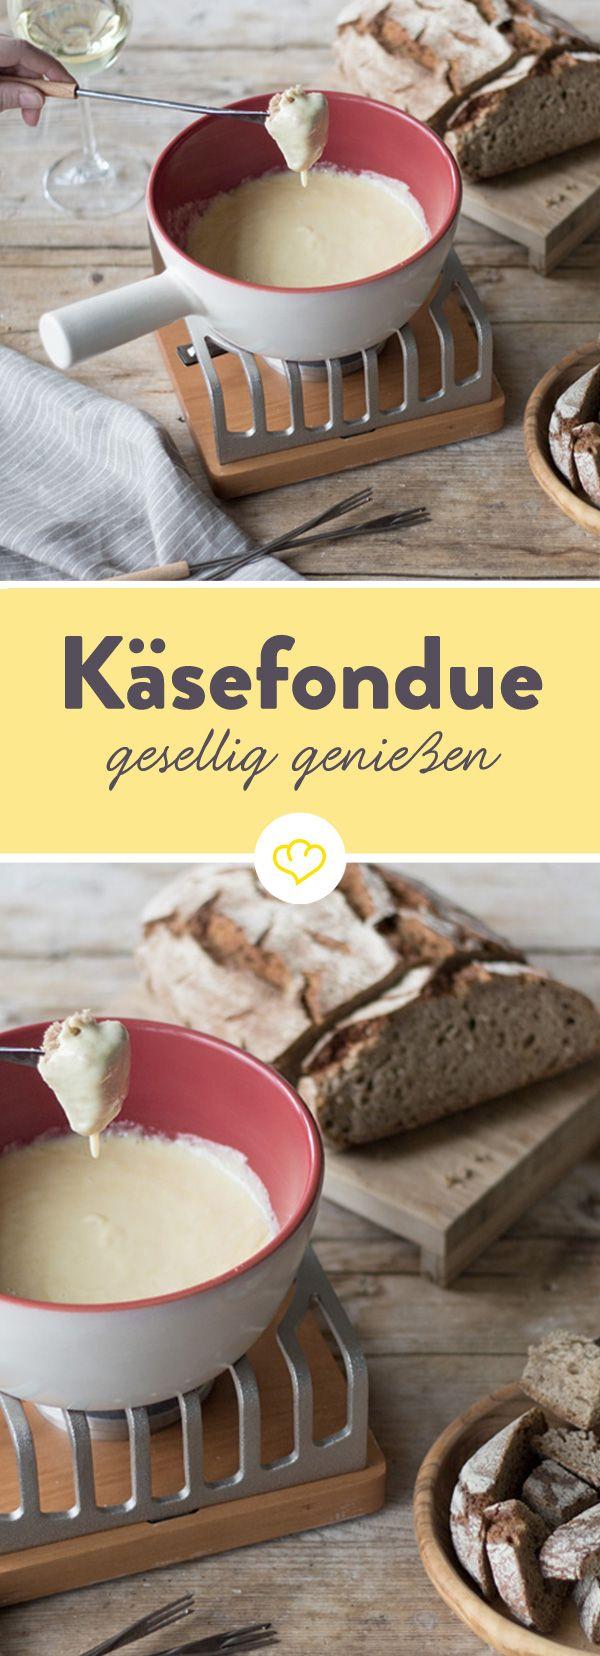 Unser Fondue mit Emmentaler und Gruyère ist mild und schmeckt am besten in geselliger Runde - so einfach geht Wohlfühlen.